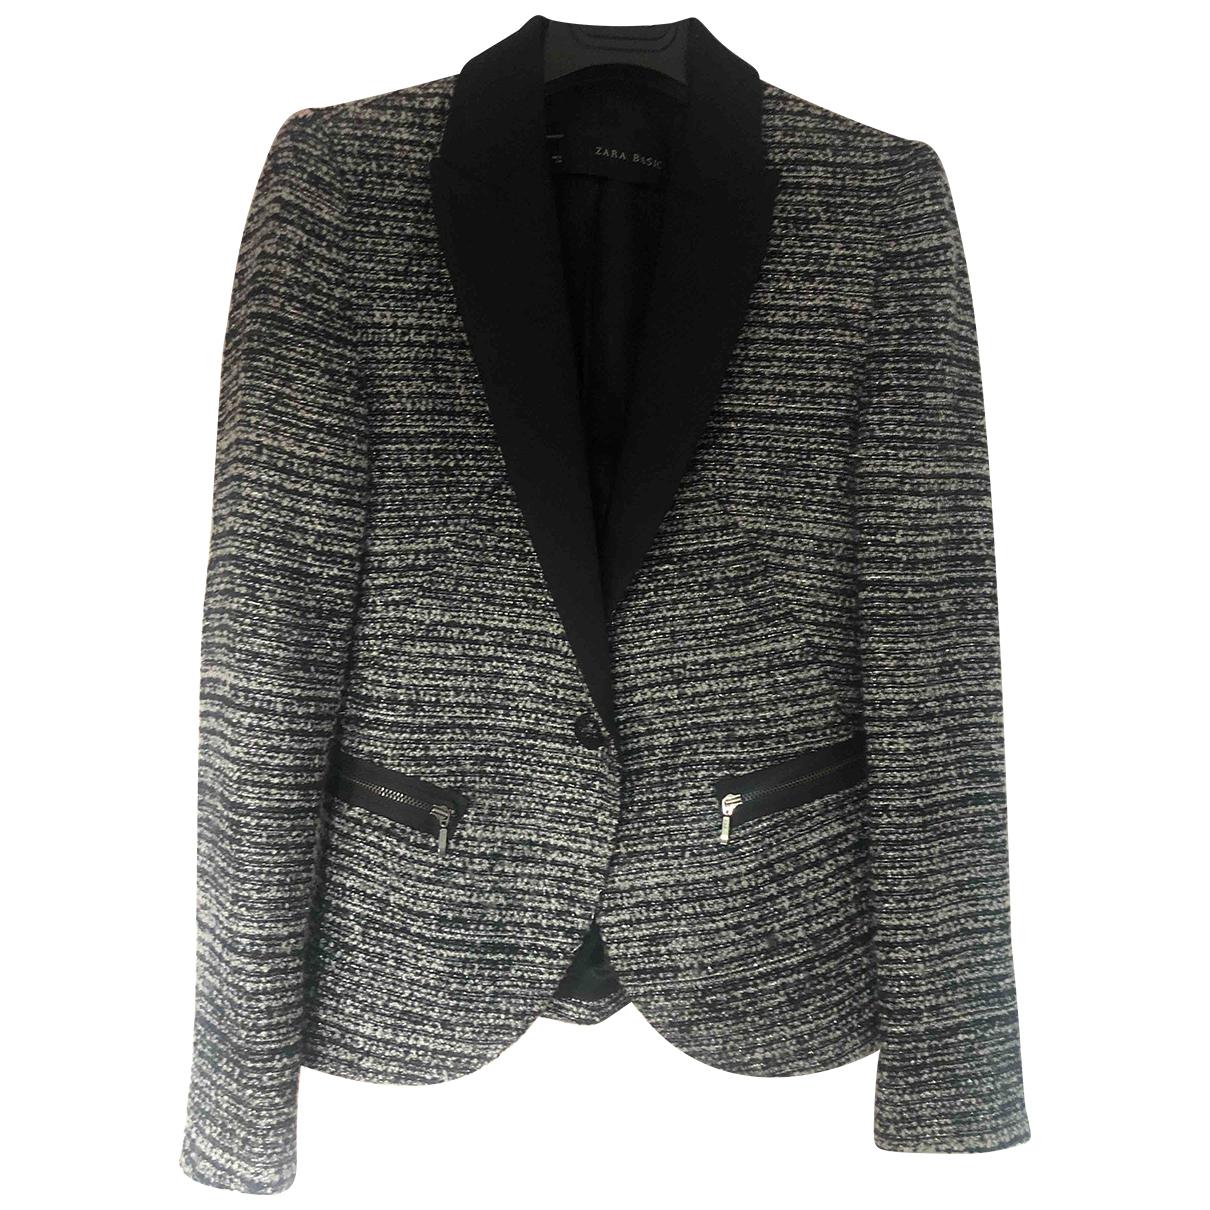 Zara \N Jacke in  Grau Tweed